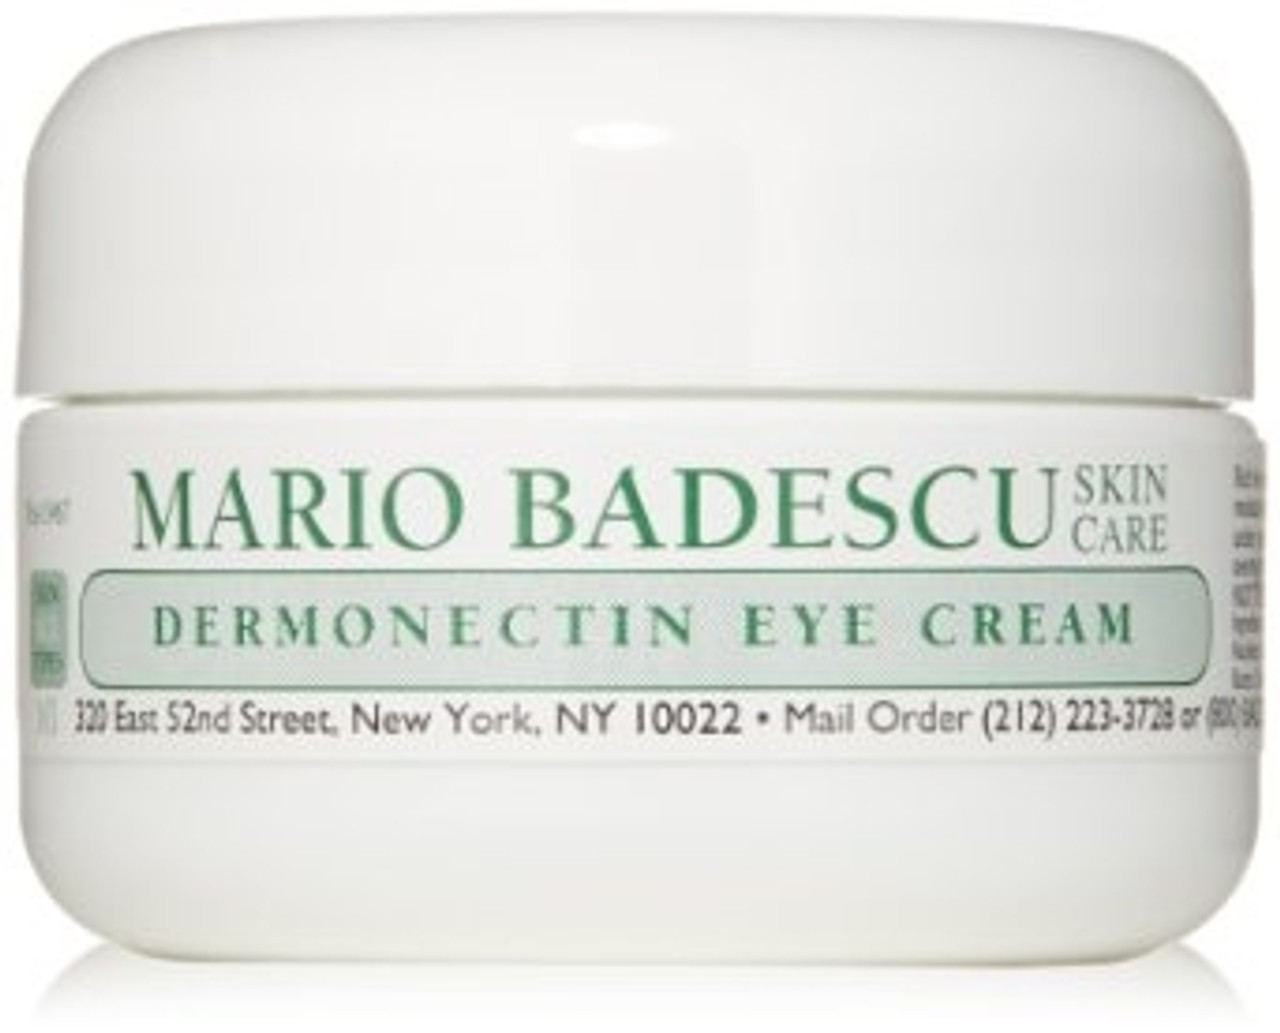 Mario Badescu Dermonectin Eye Cream 1oz